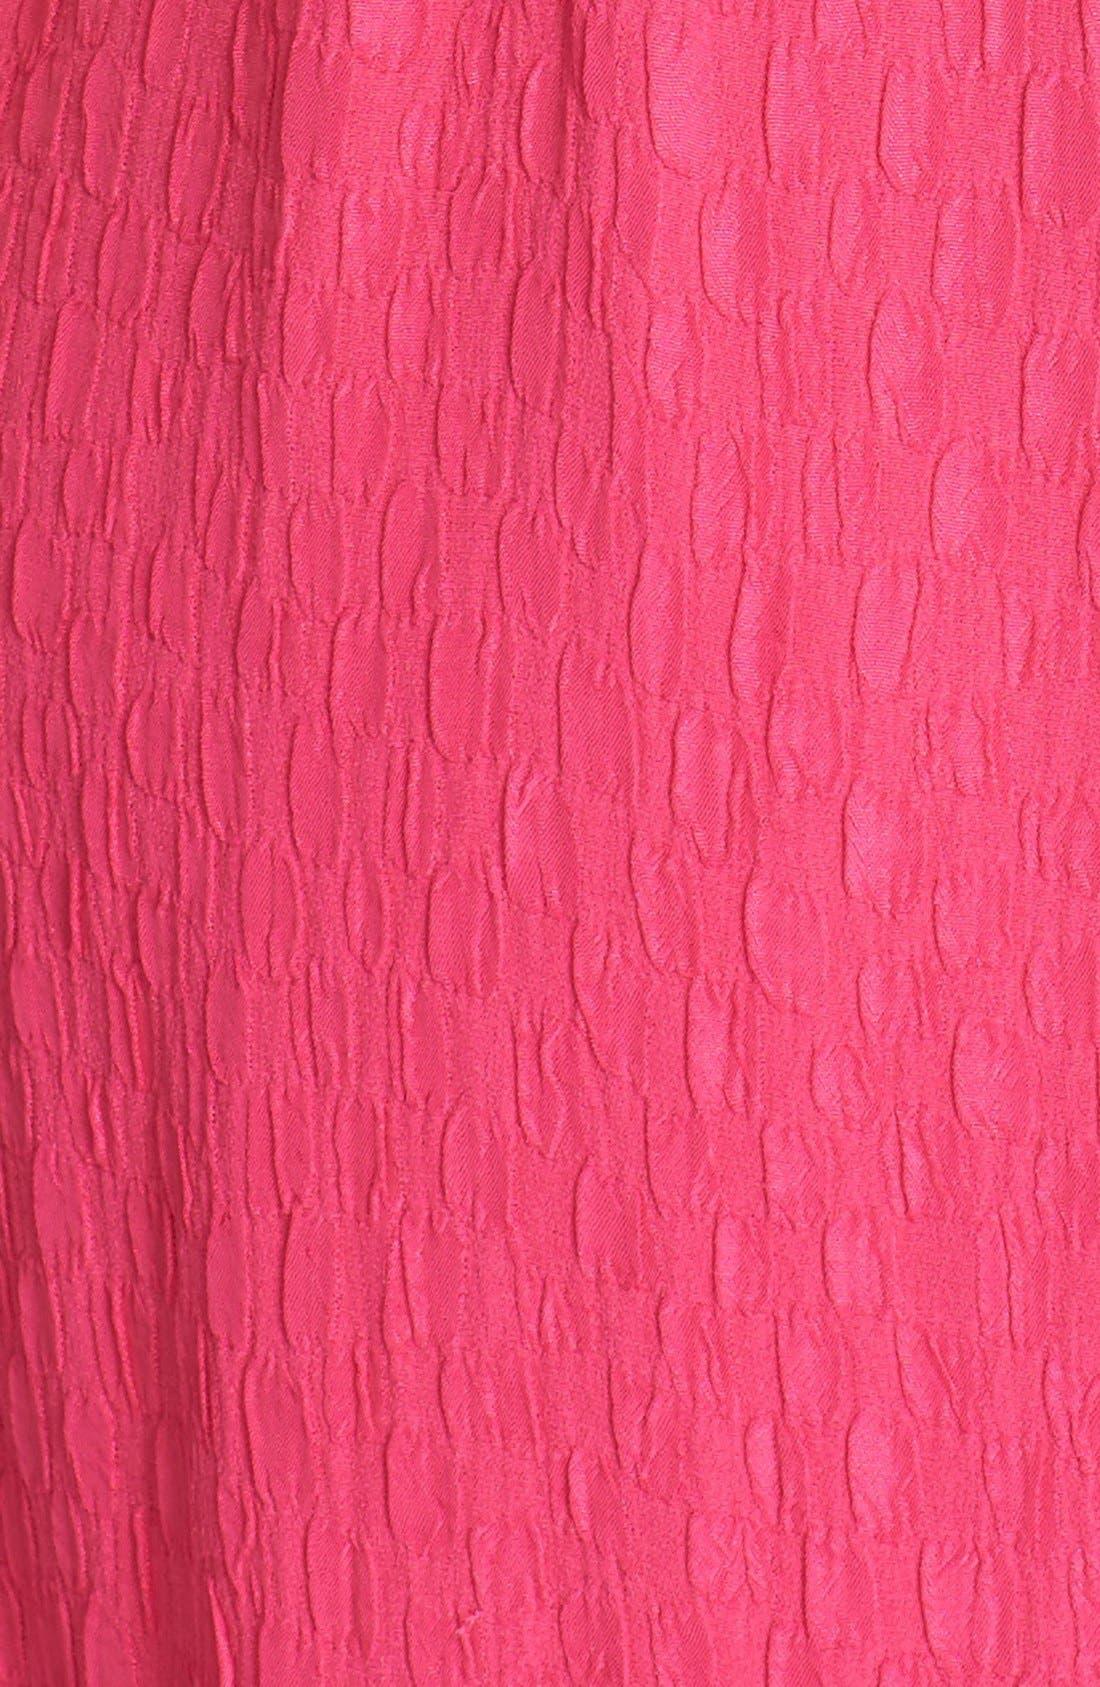 'Rhoads' Jumpsuit,                             Alternate thumbnail 5, color,                             Pink